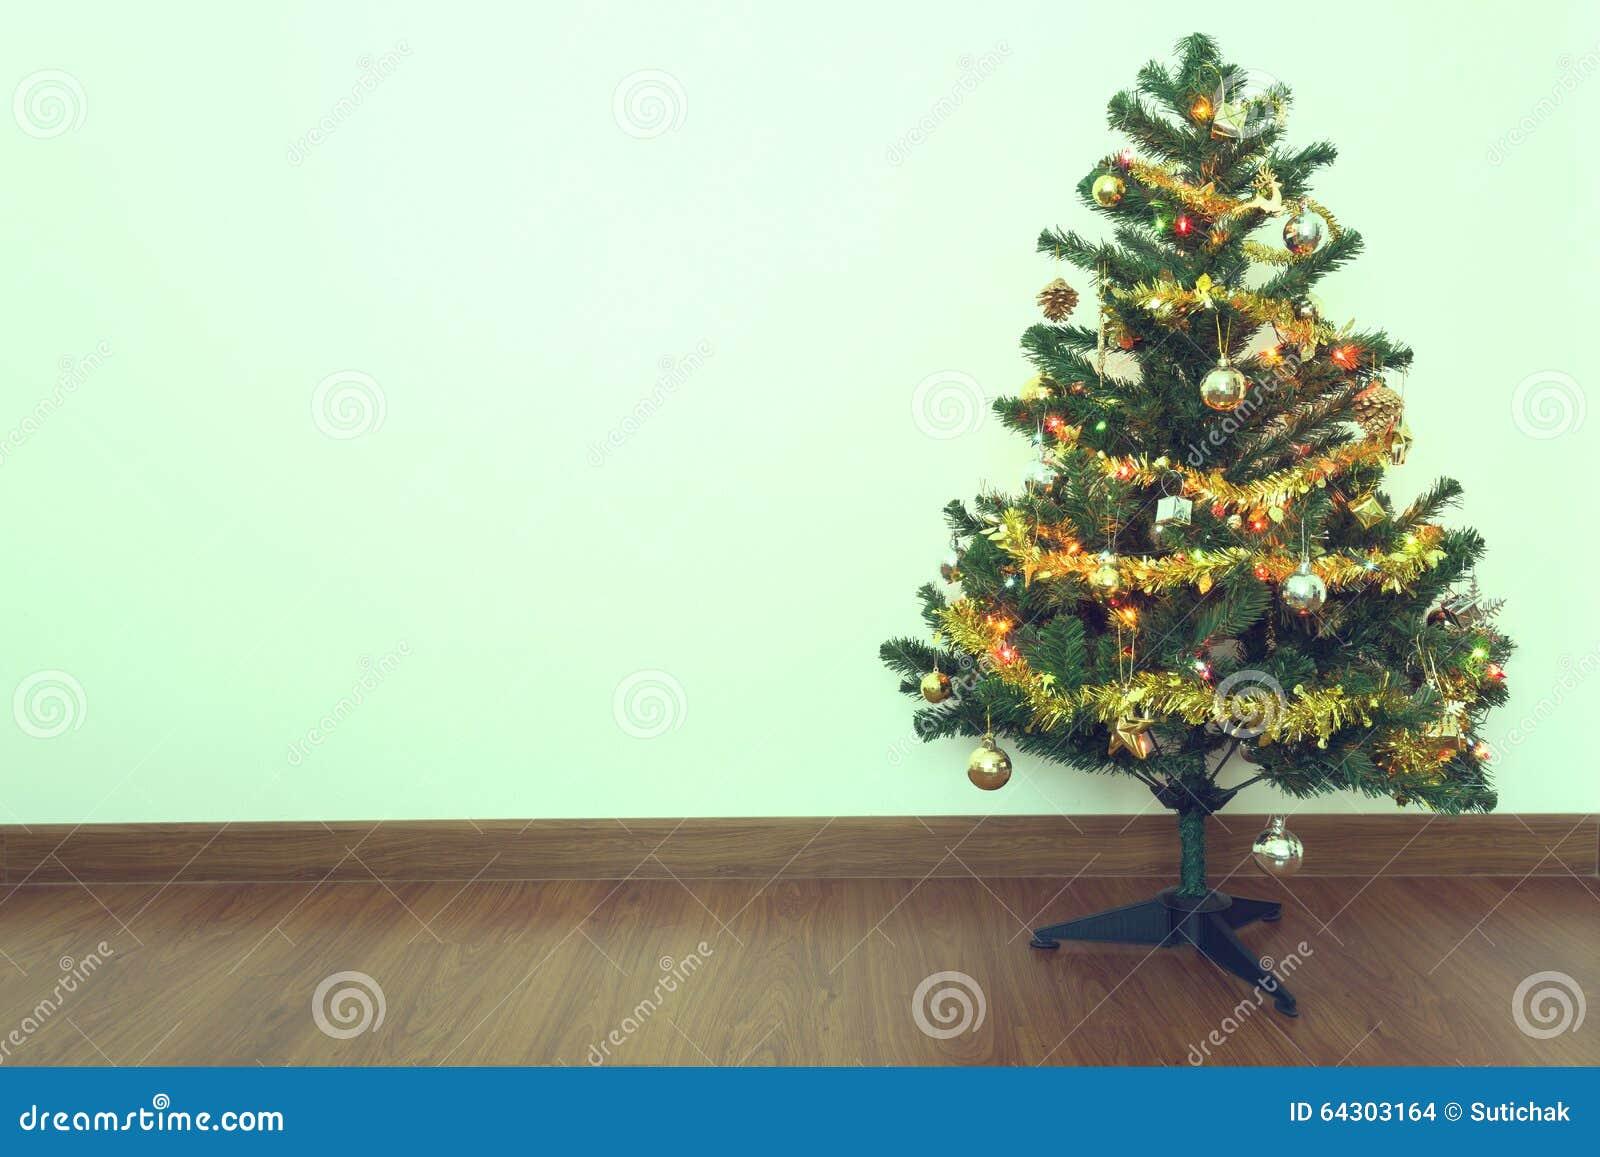 Kerstboomdecoratie in lege ruimte met witte muur stock foto afbeelding 64303164 - Binnenkleuren met witte muur ...